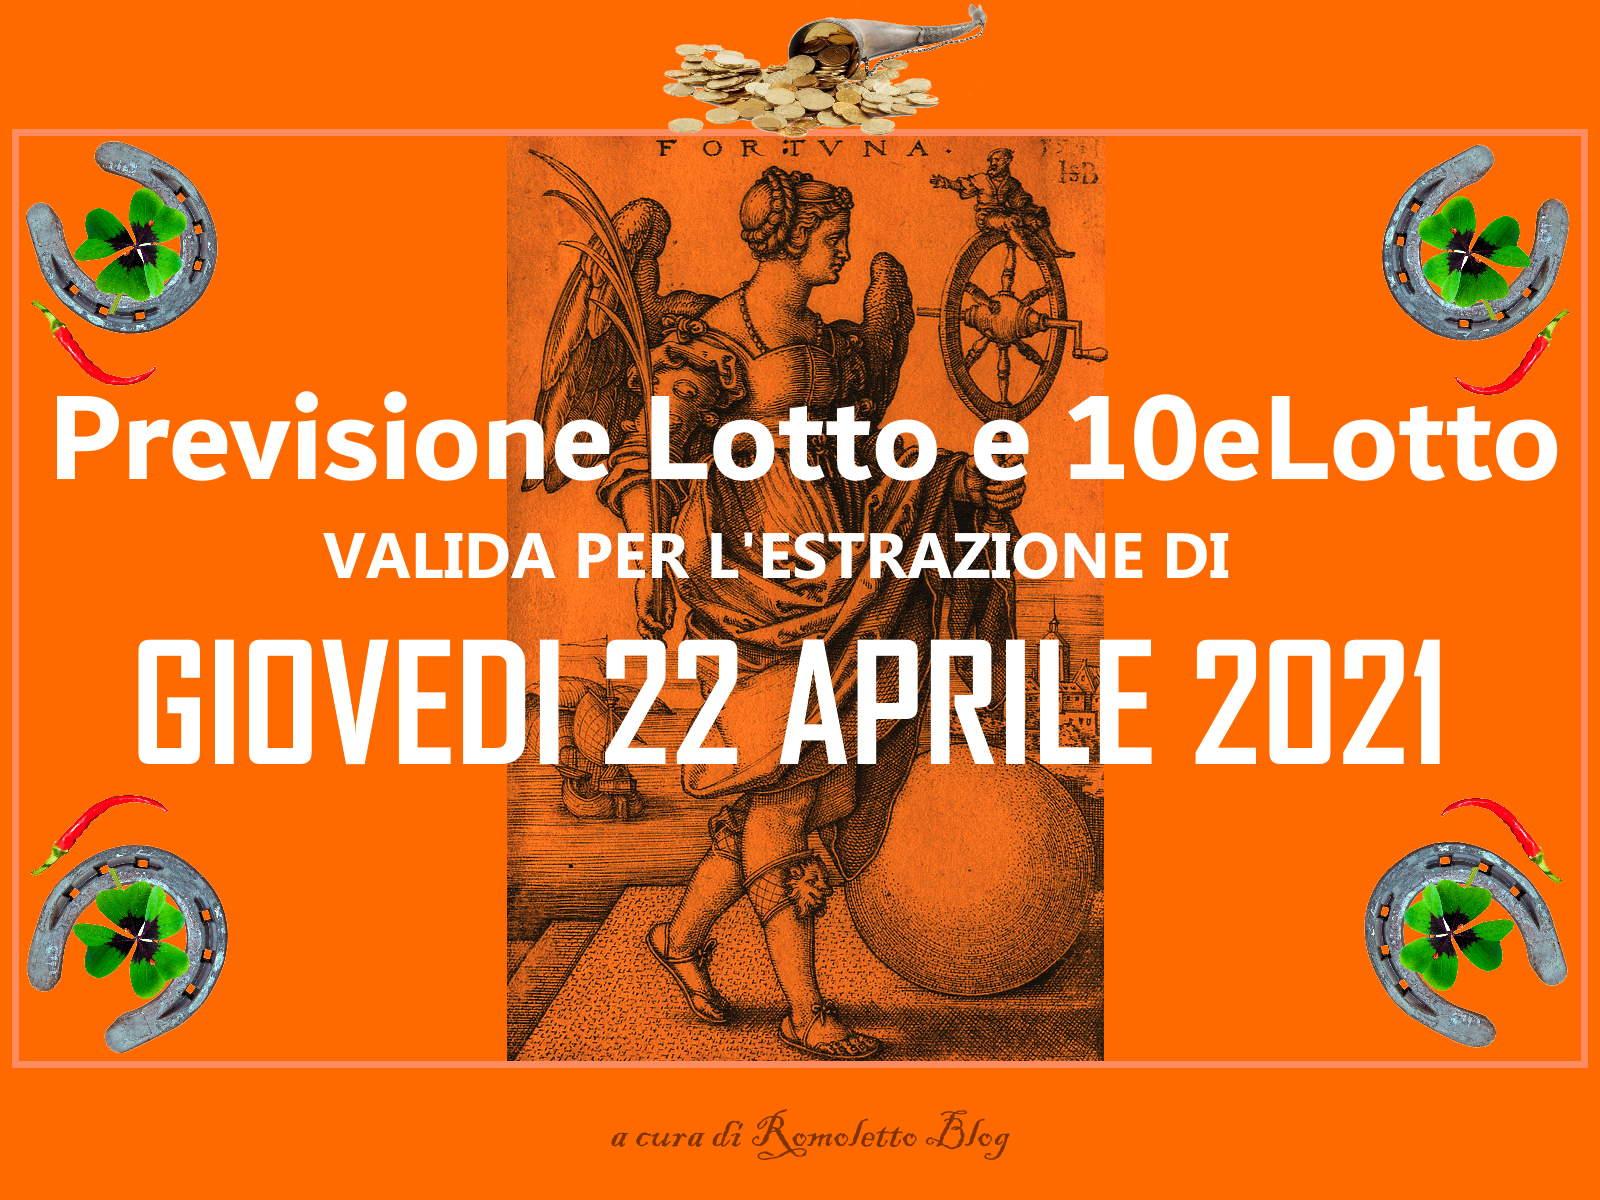 Previsione Lotto 22 Aprile 2021